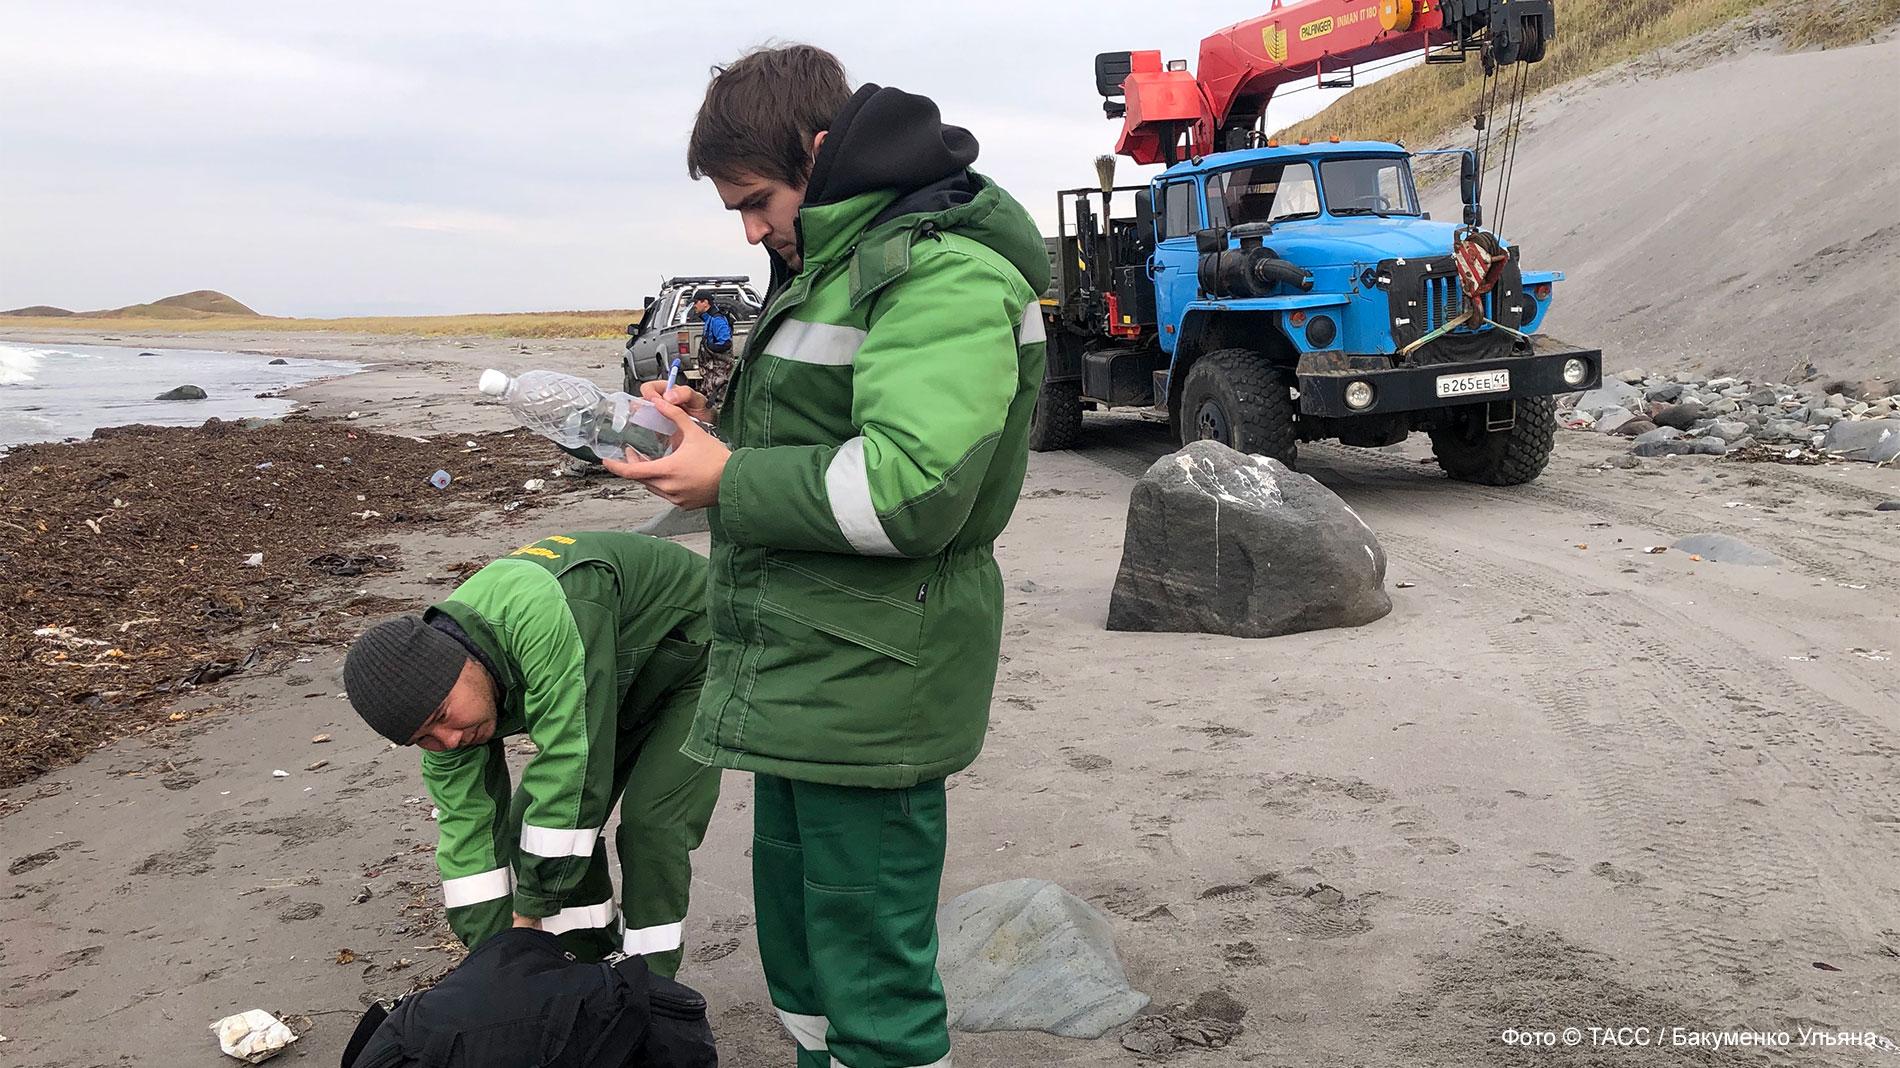 'Чистый домысел': эксперт объяснил, что загрязнения от полигона и экологическая катастрофа на Камчатке не могут быть связаны